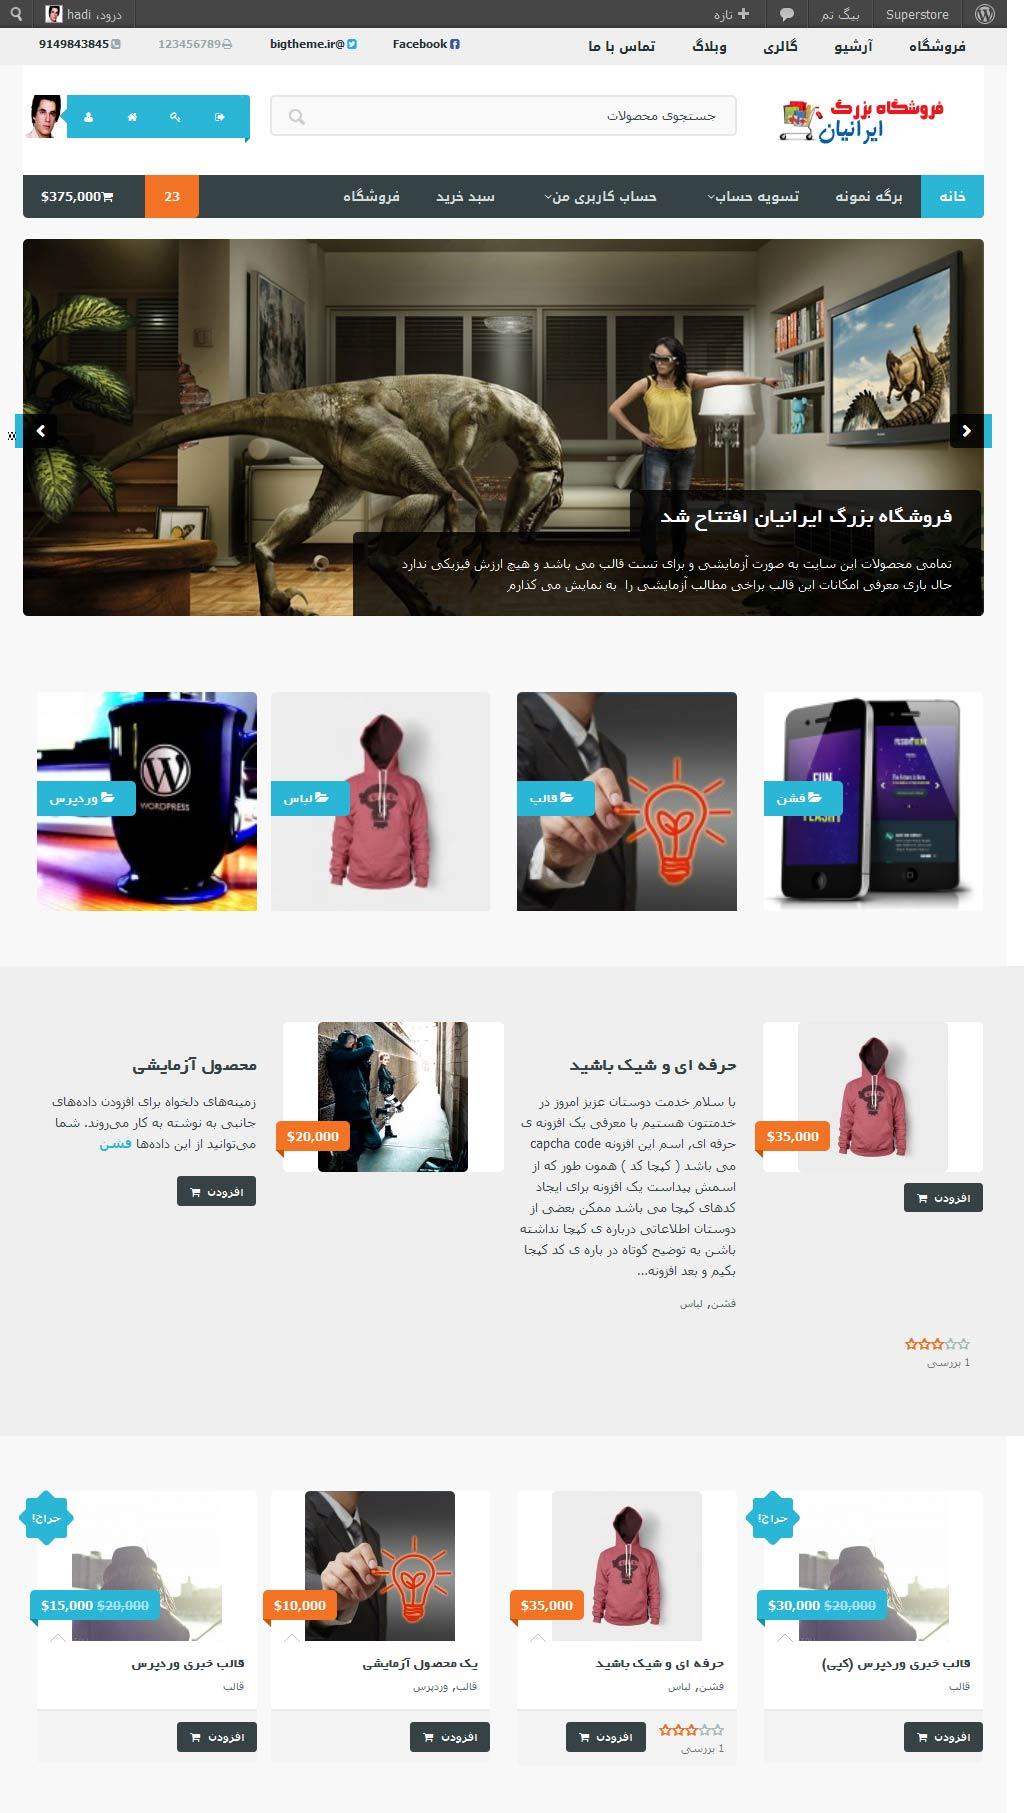 دانلود قالب فروشگاهی وردپرس فارسی